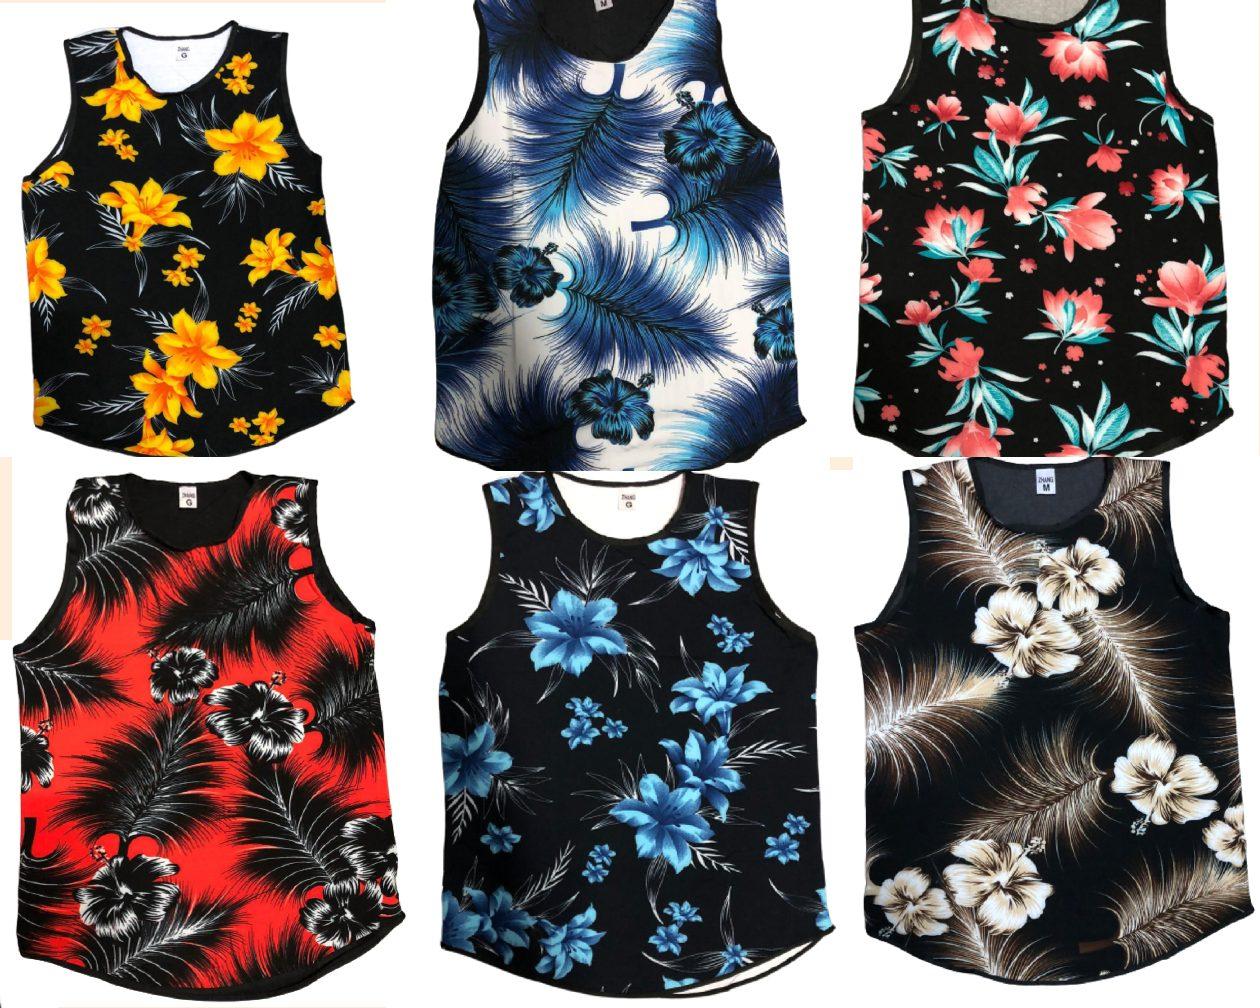 Kit 5 Regatas Camisetas Masculinas Long Ling Swag Florida Estampadas Floral